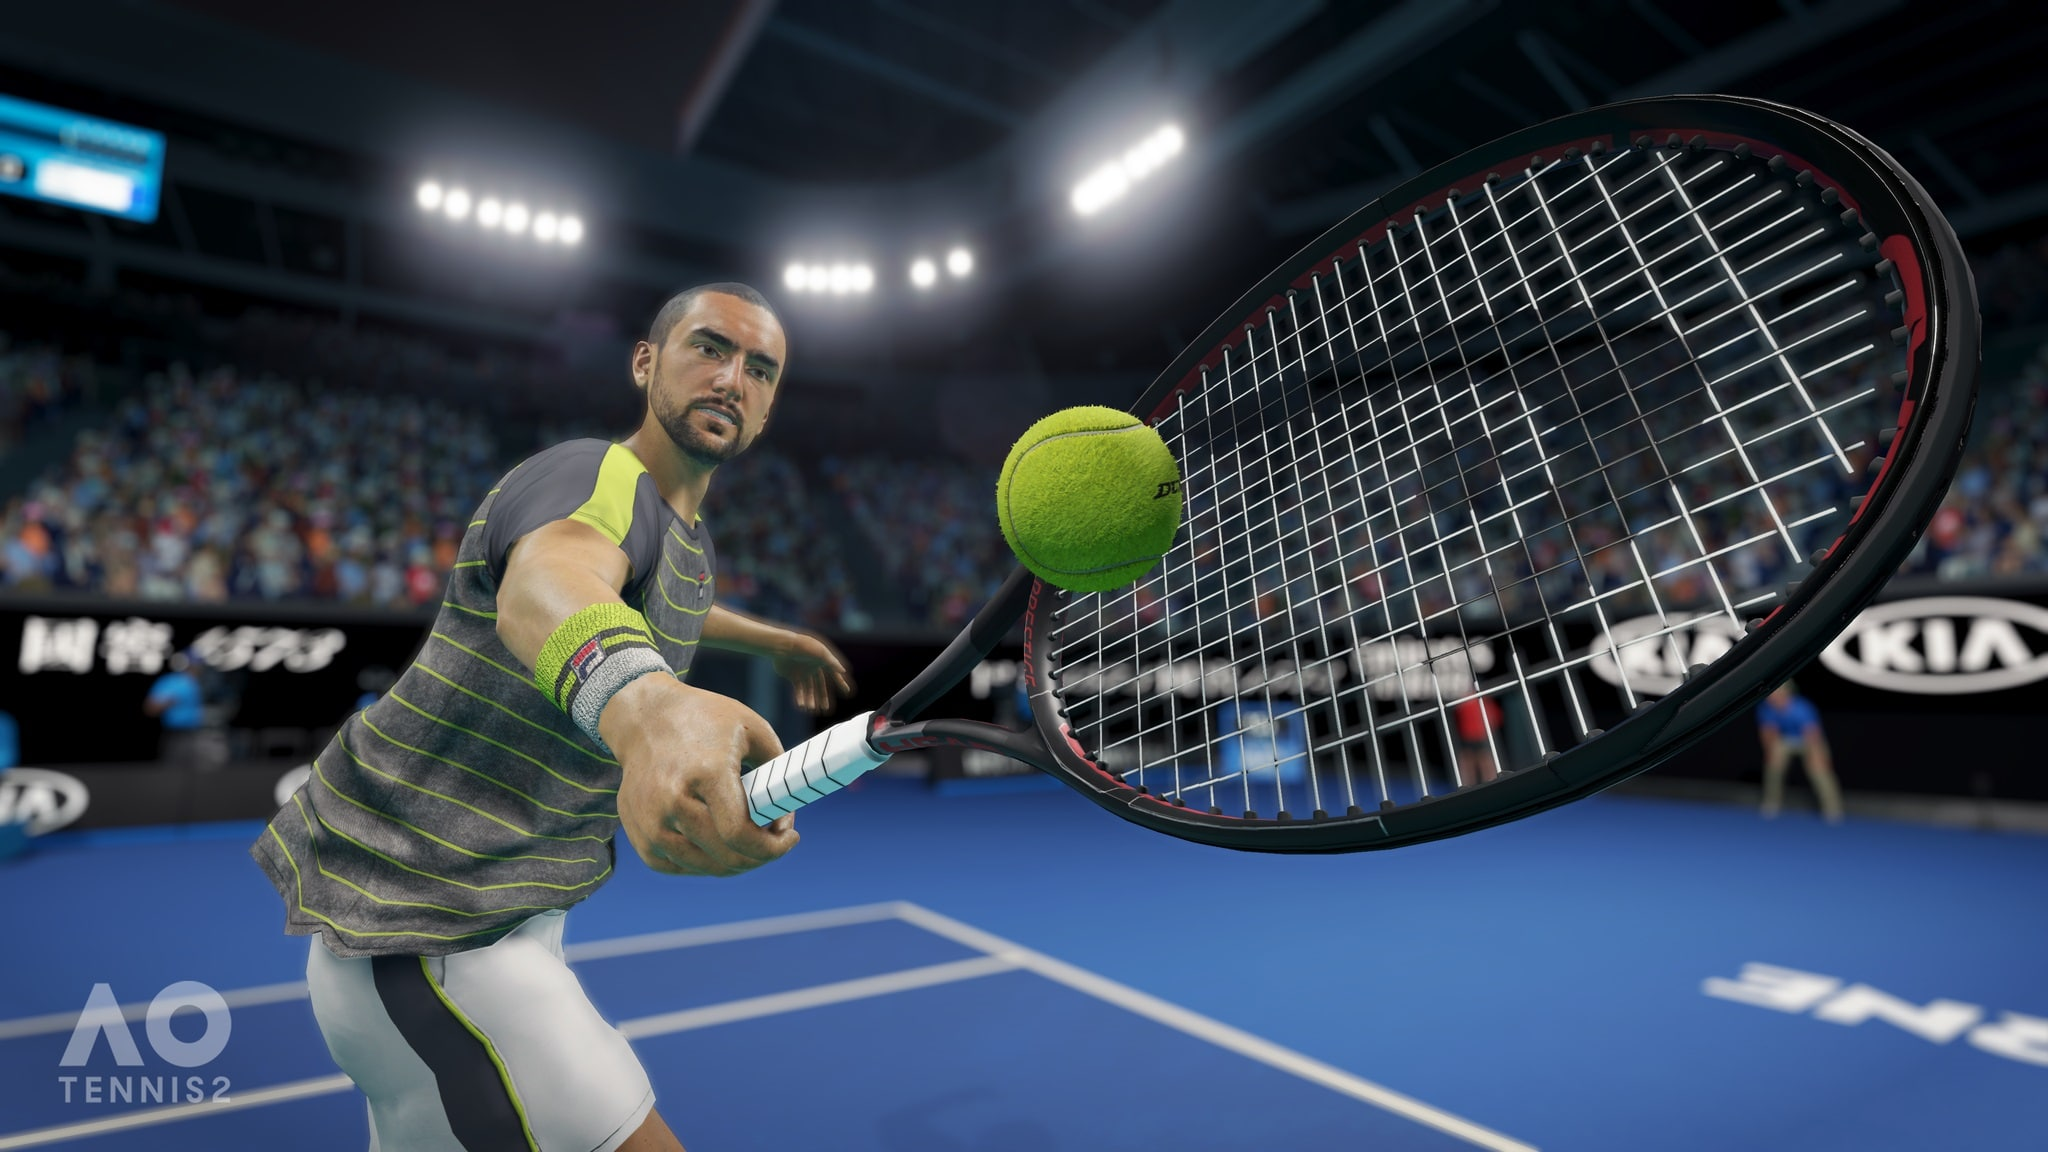 AO Tennis 2 - Cilic